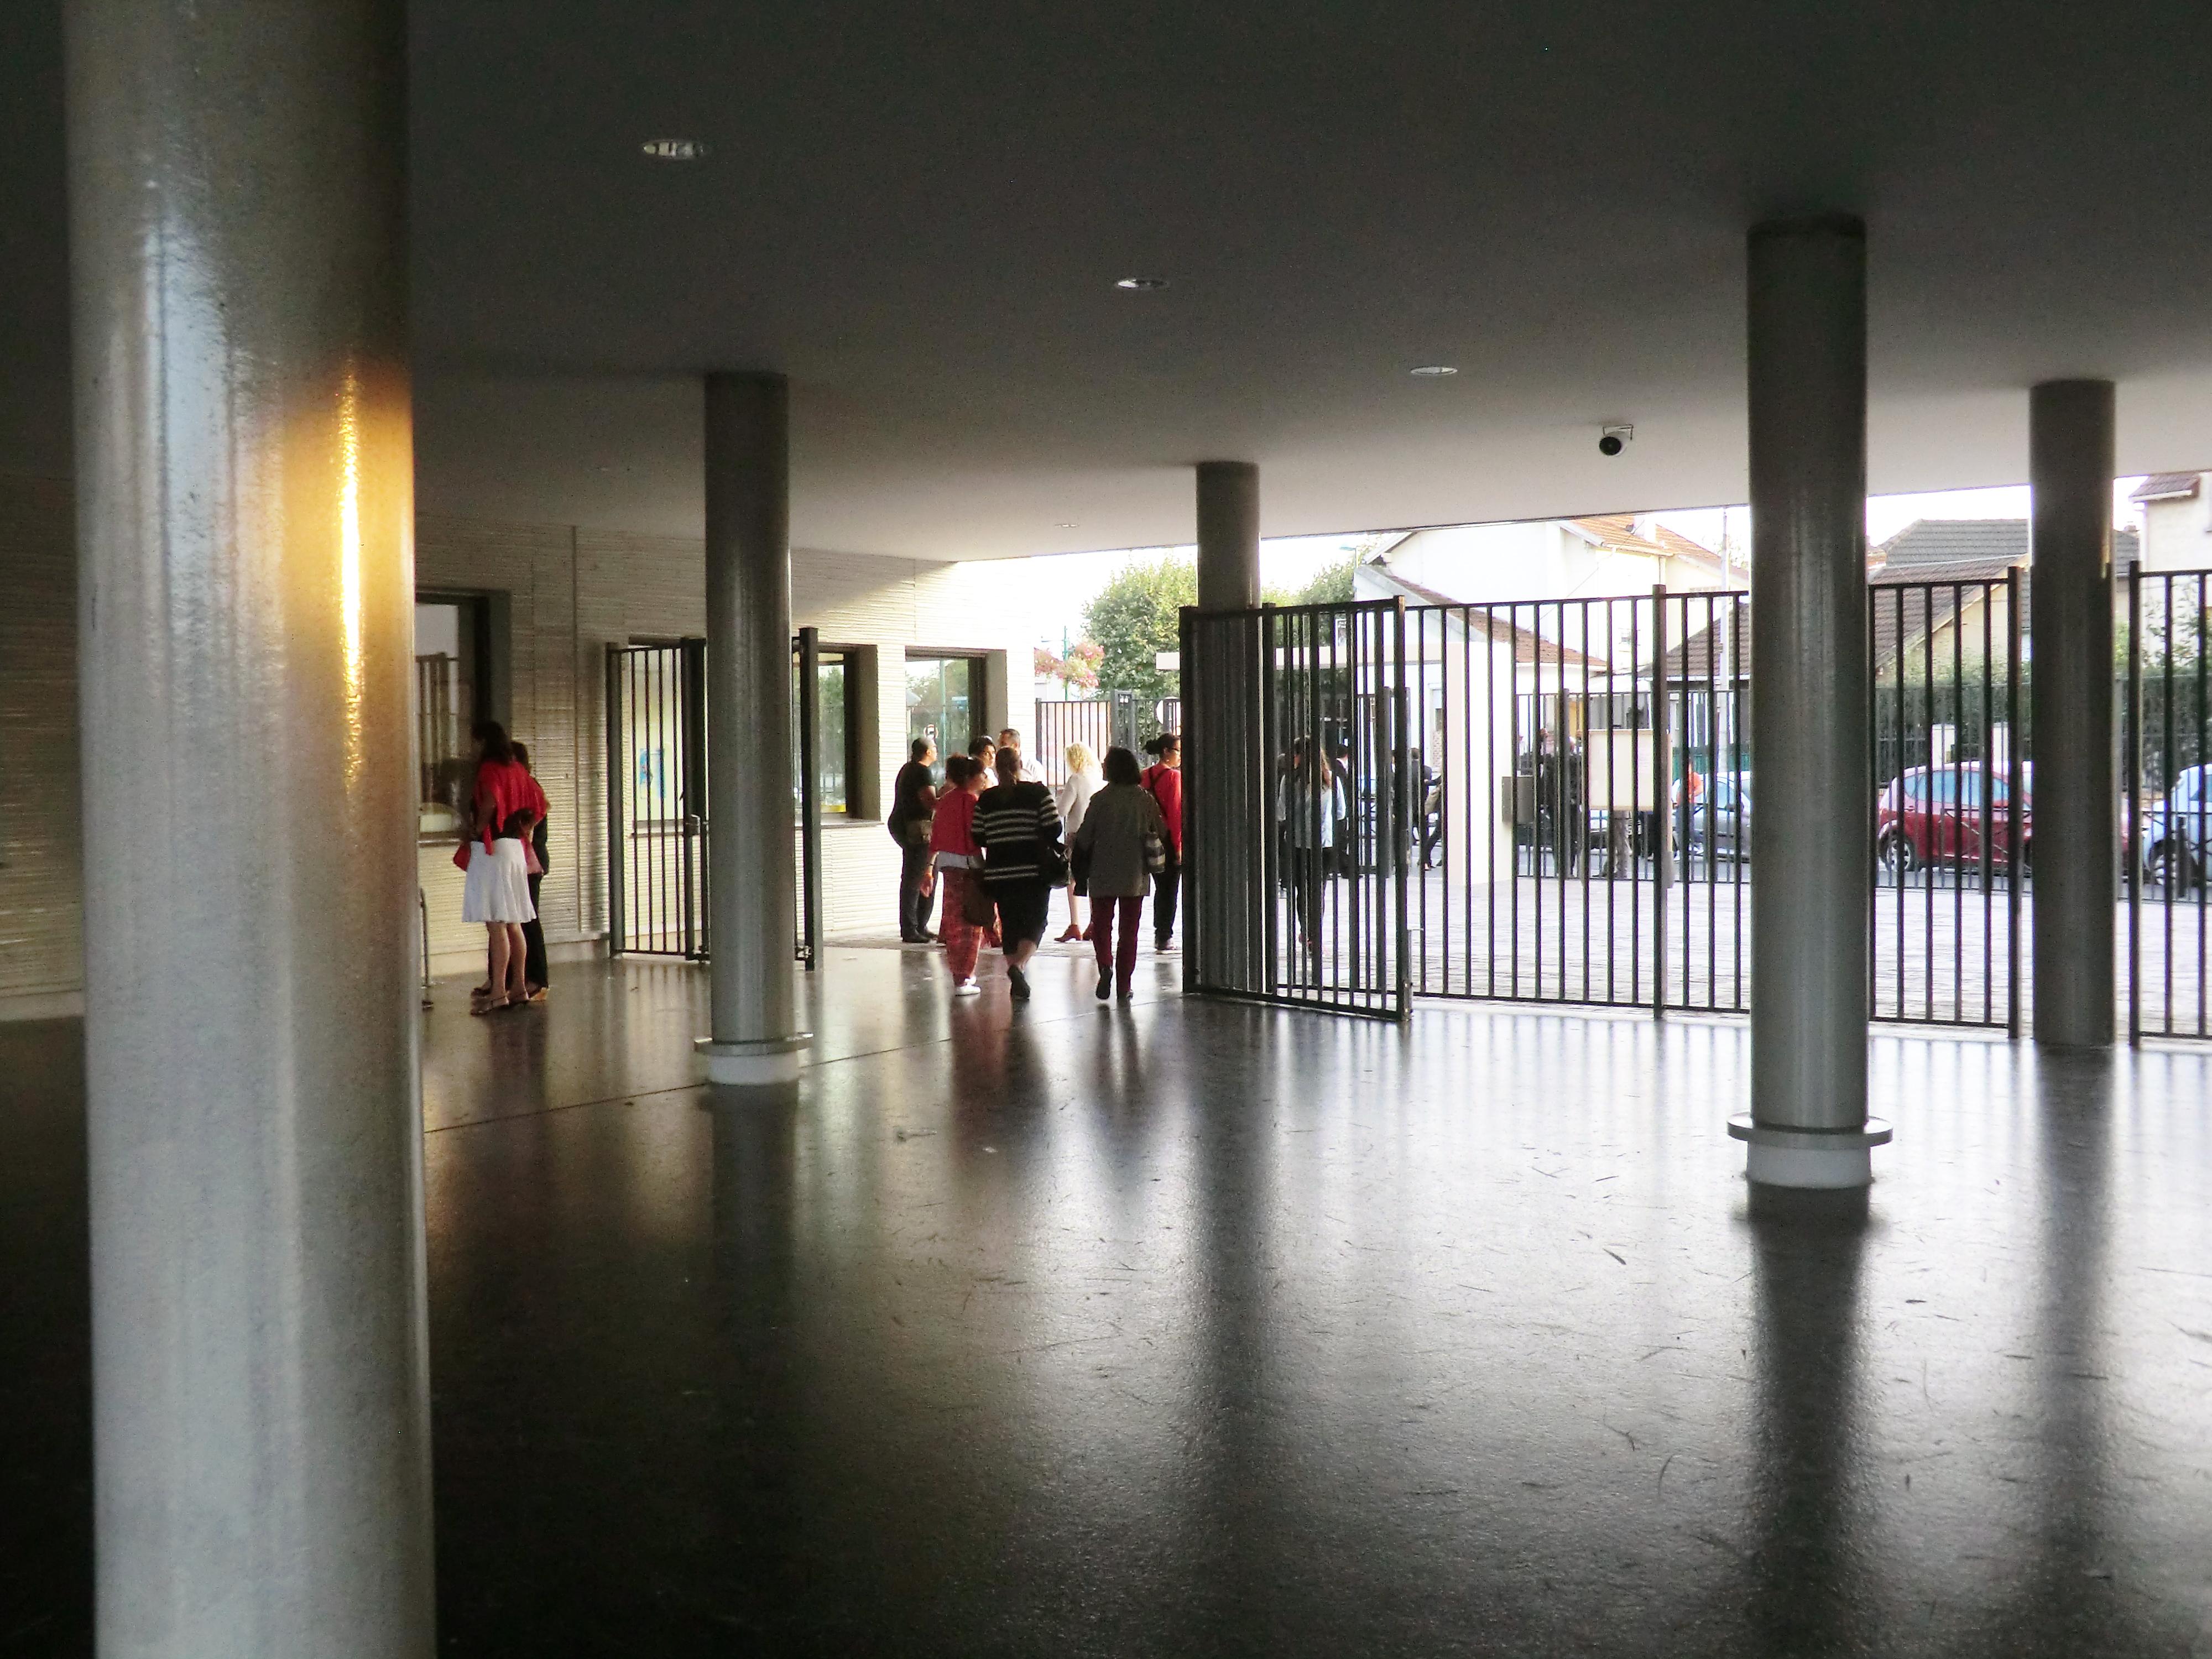 Le collège Simone Veil d'Aulnay-sous-Bois est un établissement tout numérique inauguré en septembre 2014. | © 93600INFOS.fr/Alexandre Conan